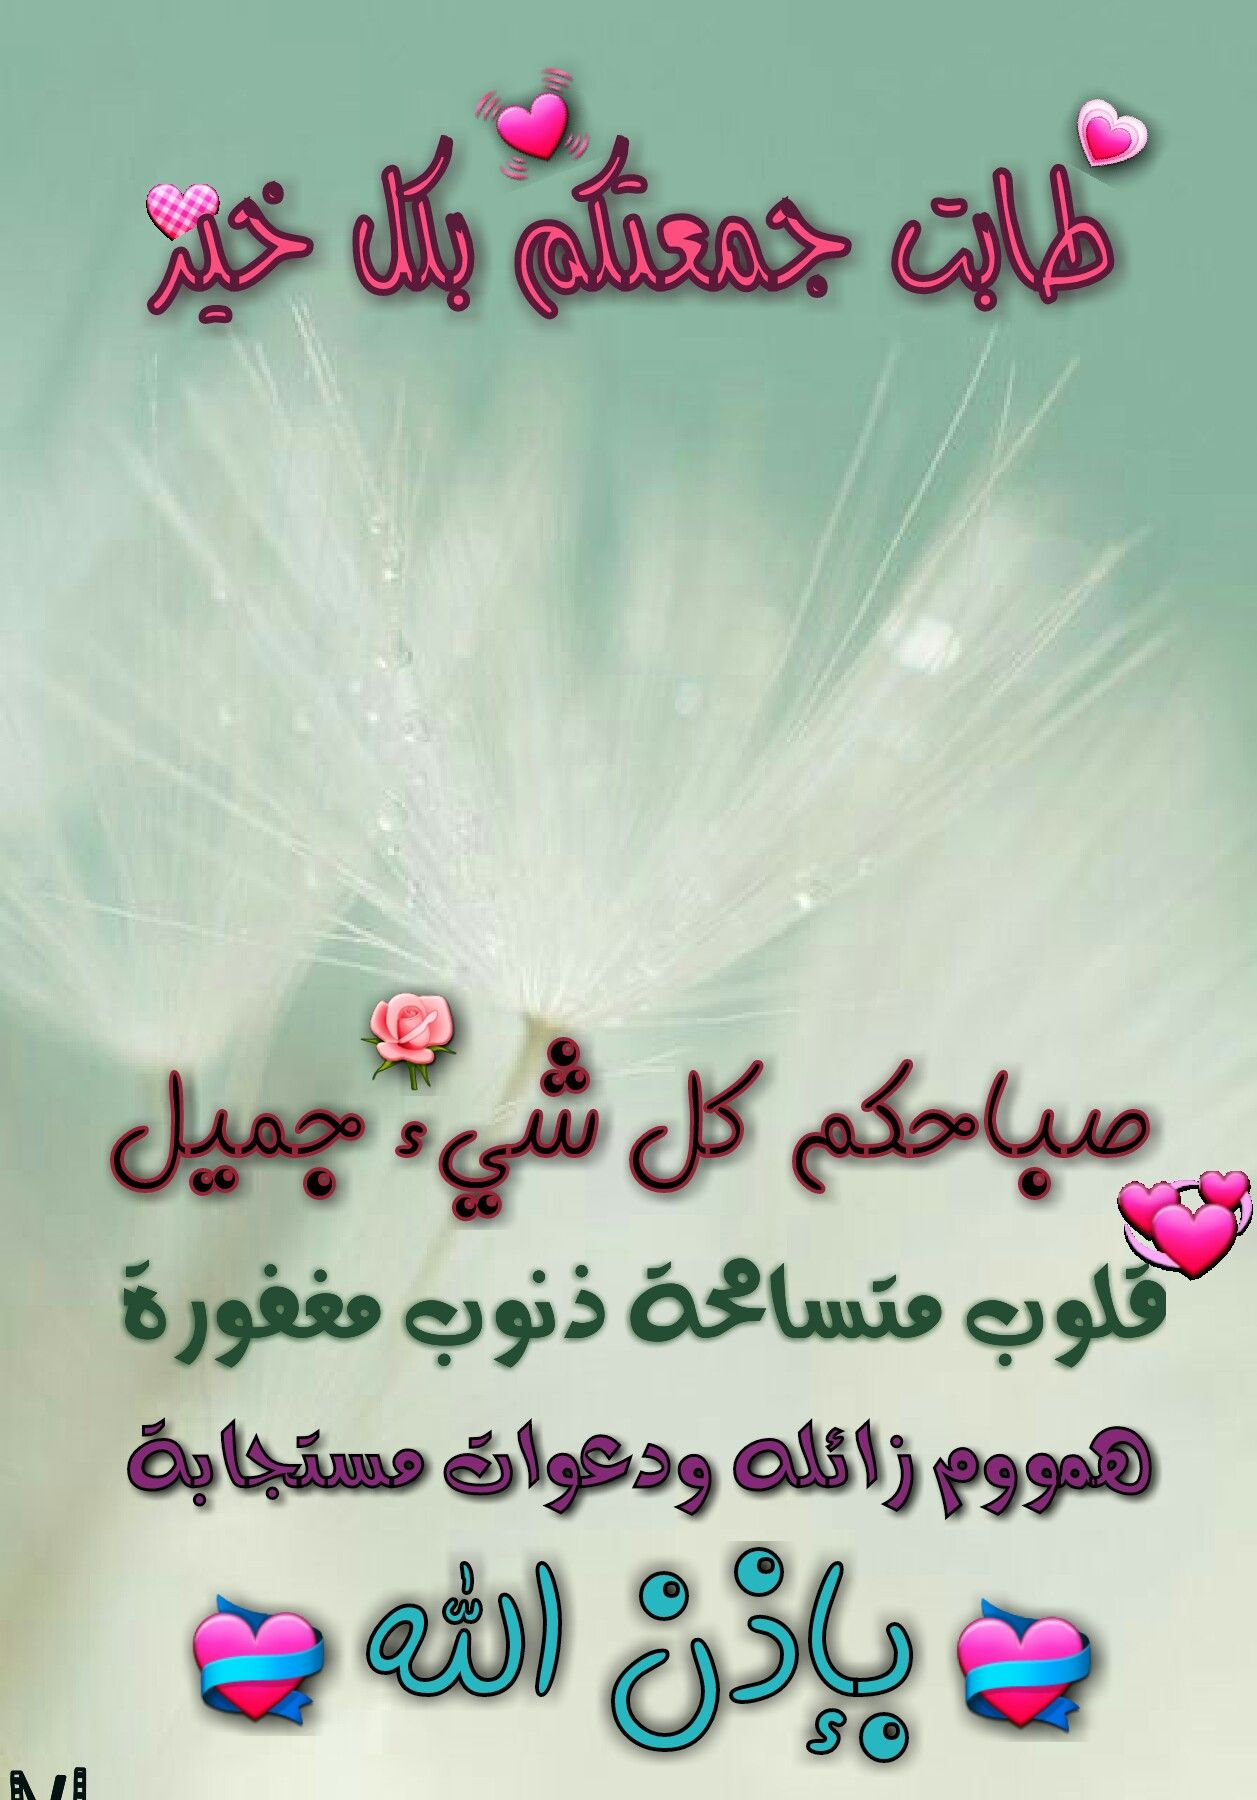 طابت جمعتكم بكل خير Romantic Love Quotes Islamic Pictures Romantic Love